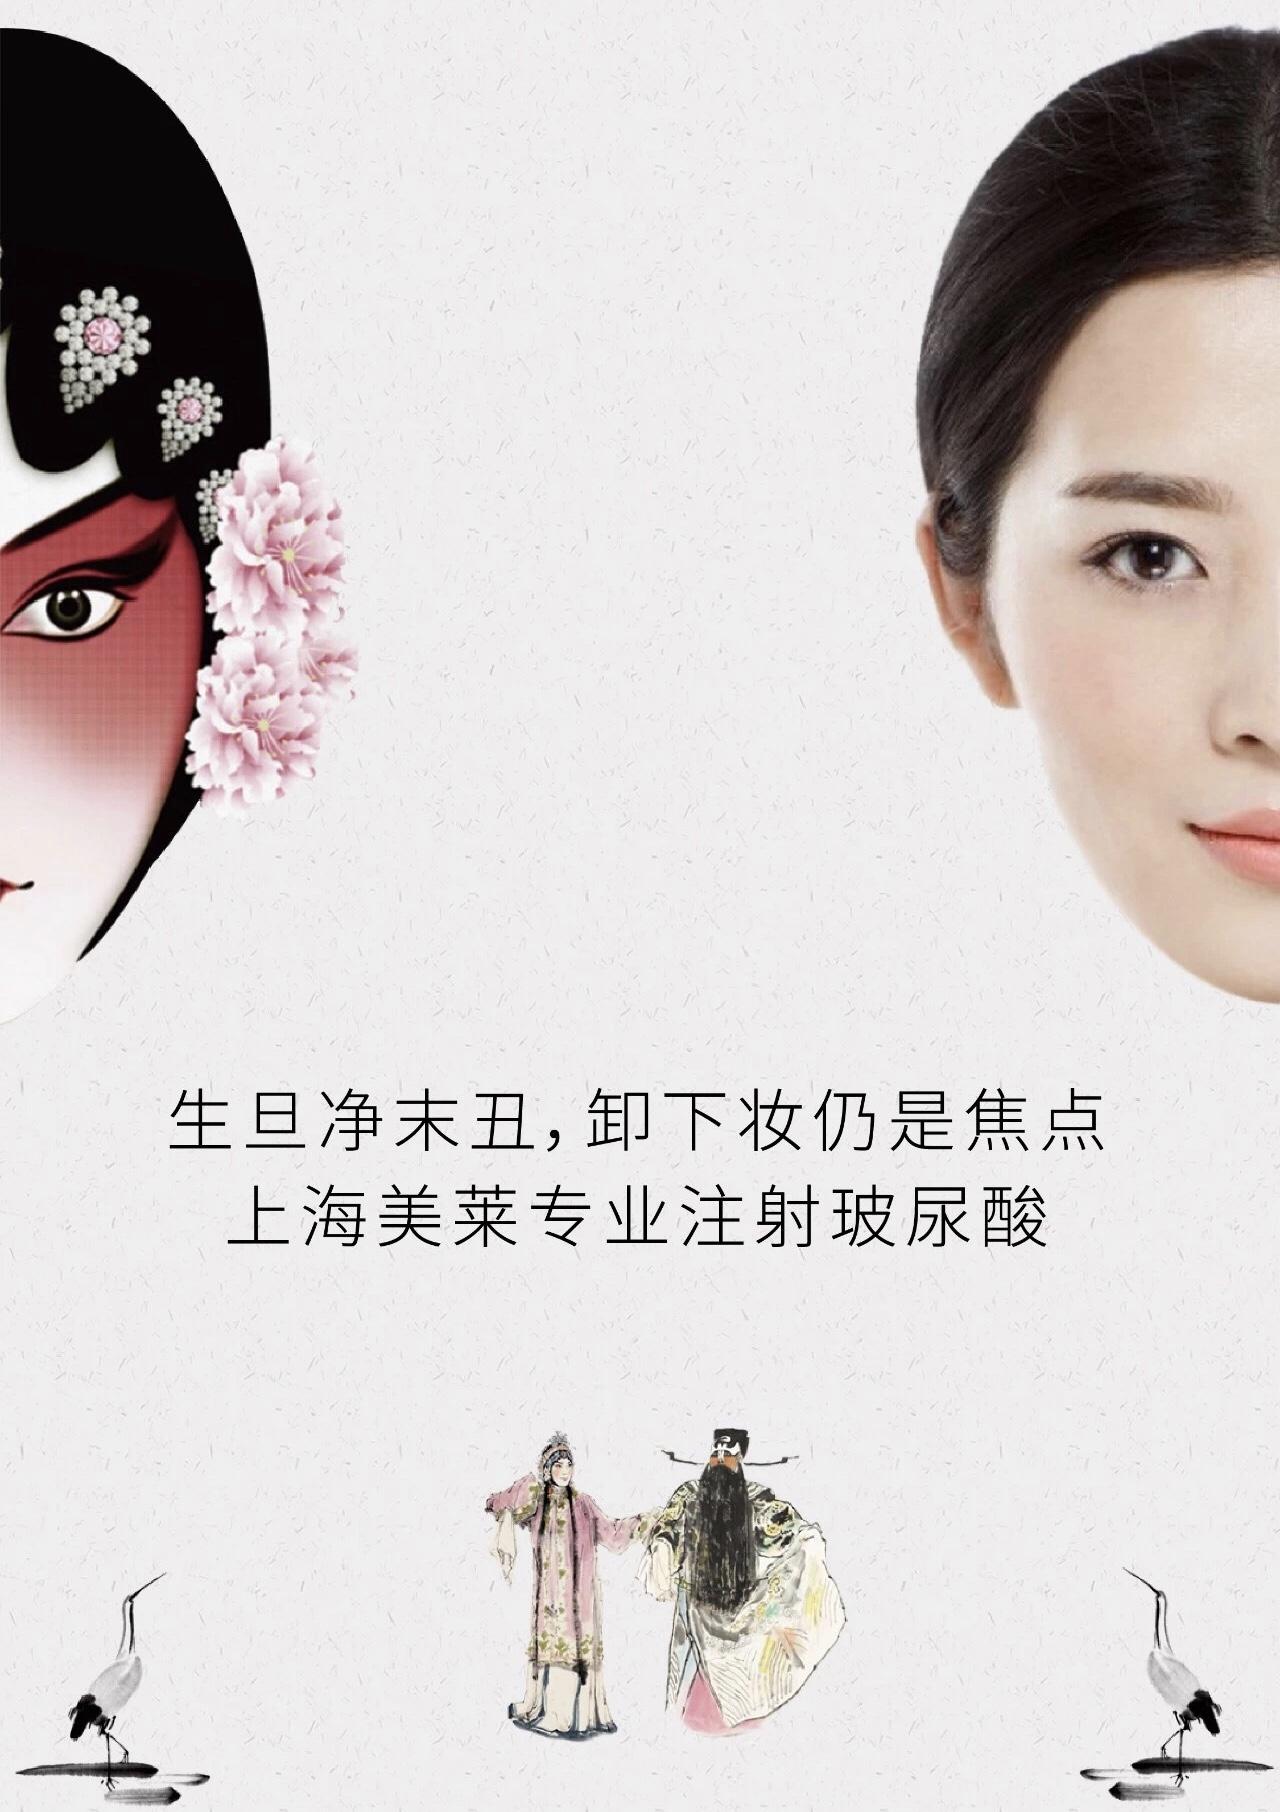 上海美莱周年庆与你共享此刻美丽